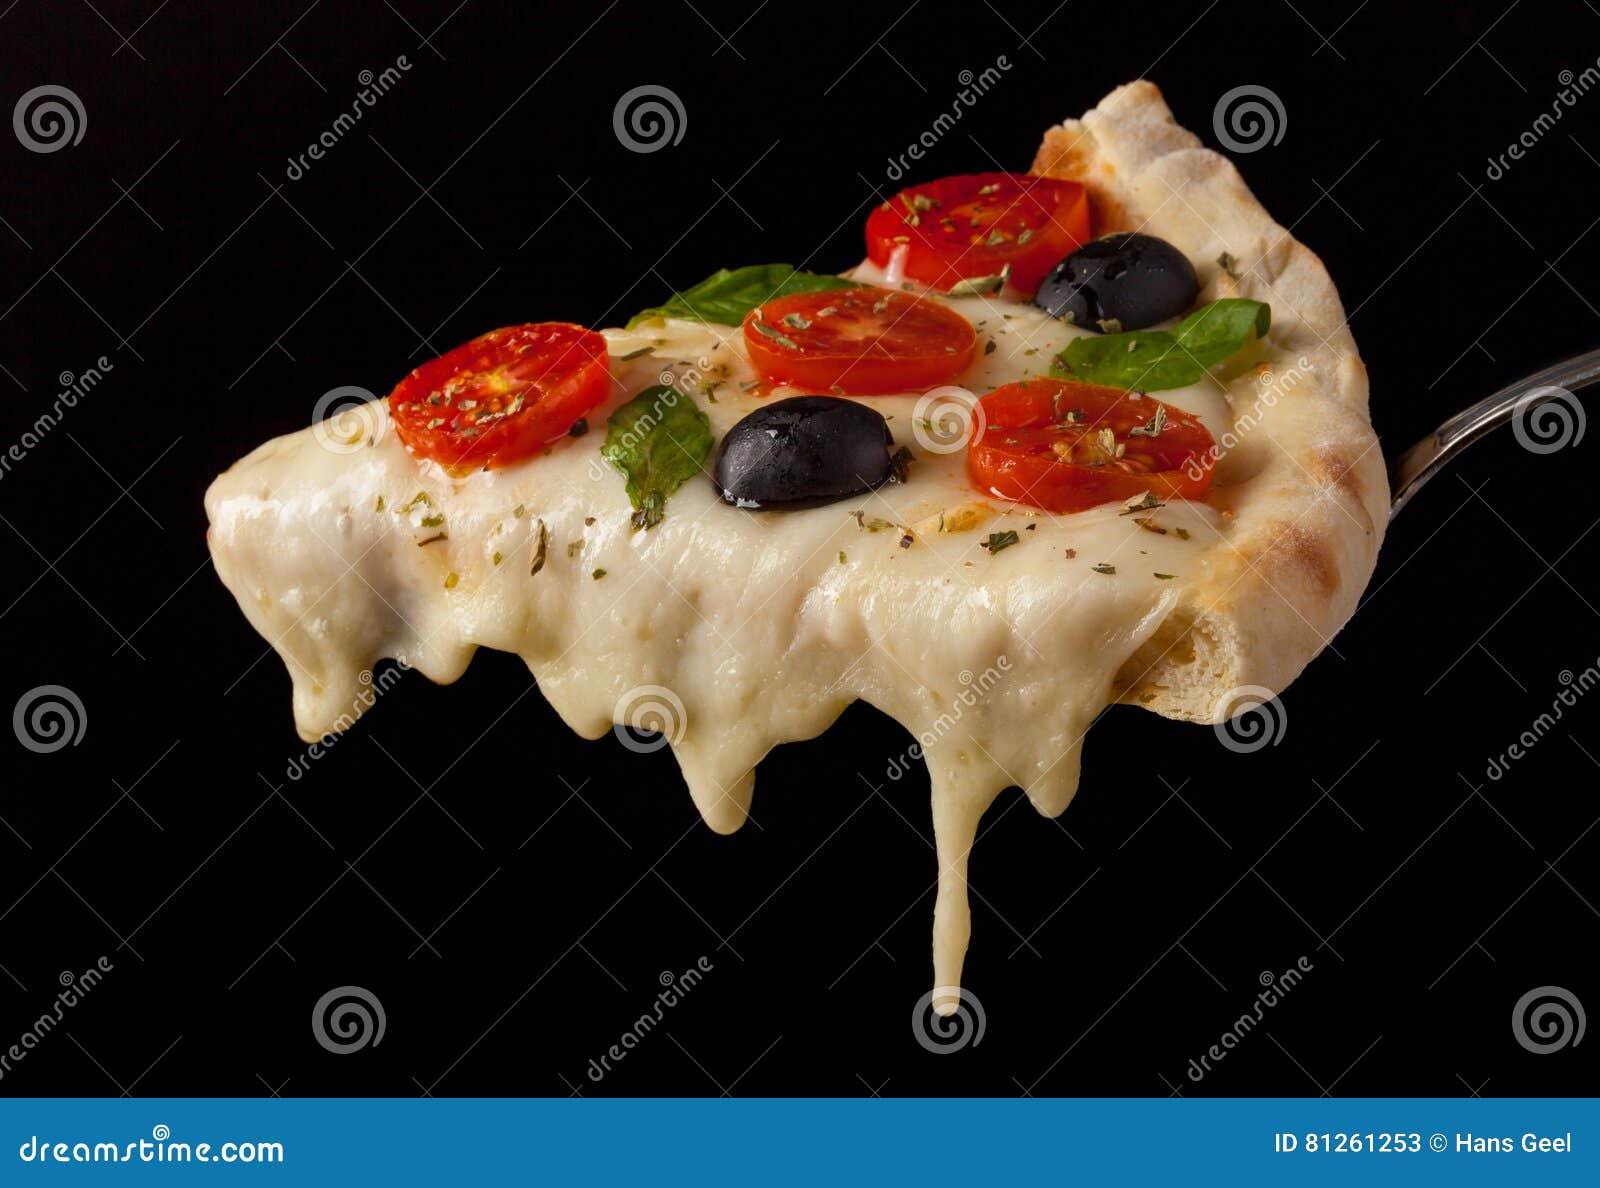 Hot pizza slice